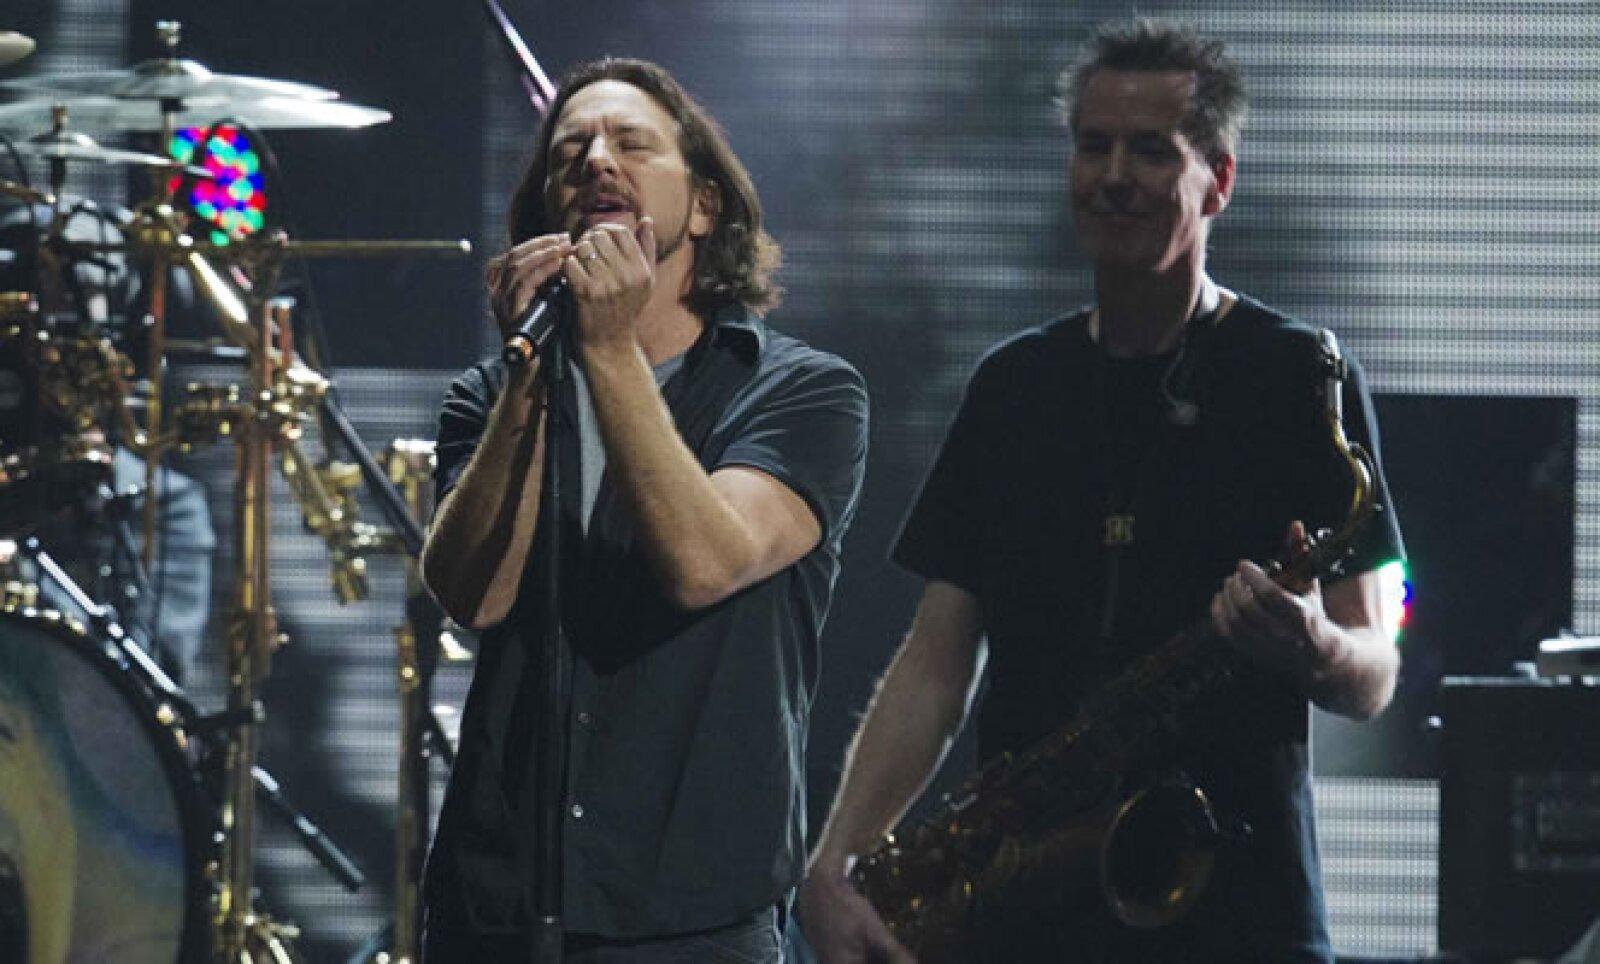 Eddie Vedder, vocalista de la banda Pearl Jam, se sumó a la presentación de Roger Waters para interpretar a dúo el éxito de  1979, 'Comfortably Numb'.